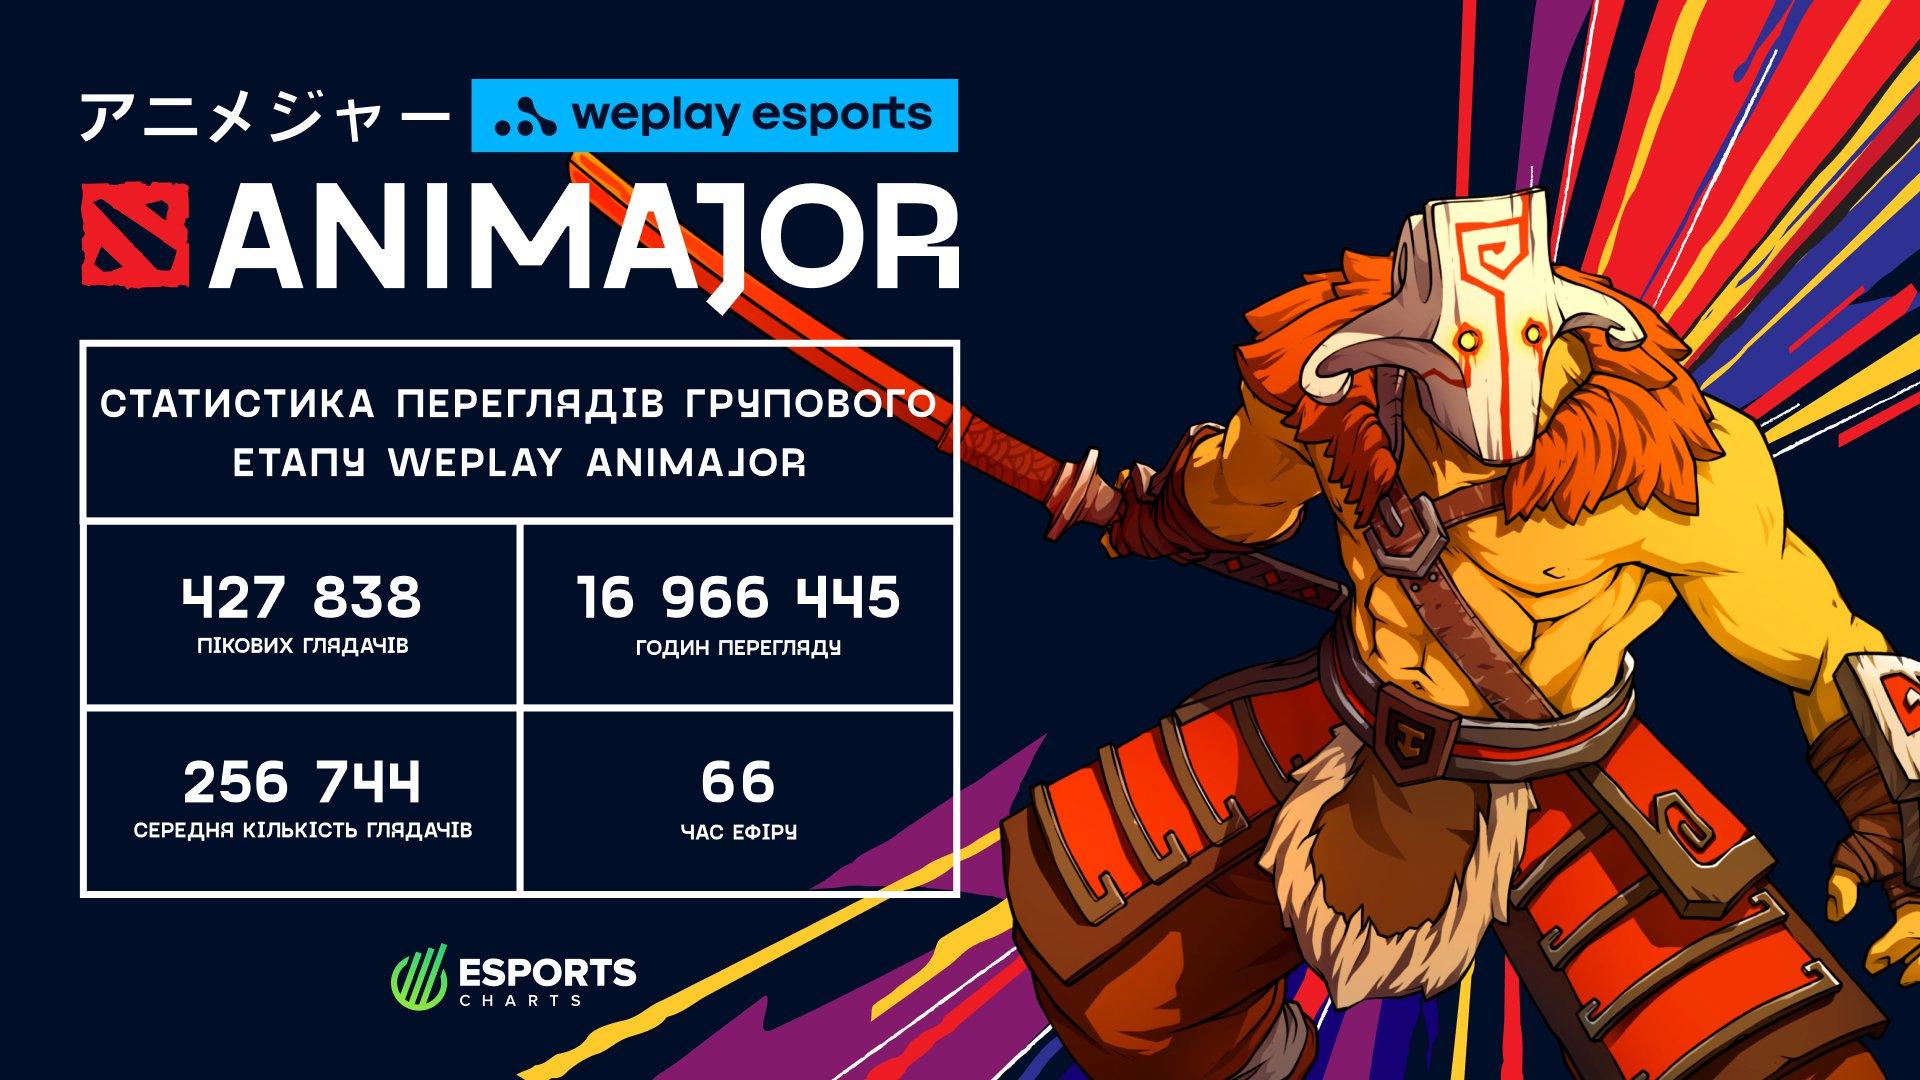 Статистика переглядів групового етапу WePlay AniMajor. Зображення: WePlay Esports